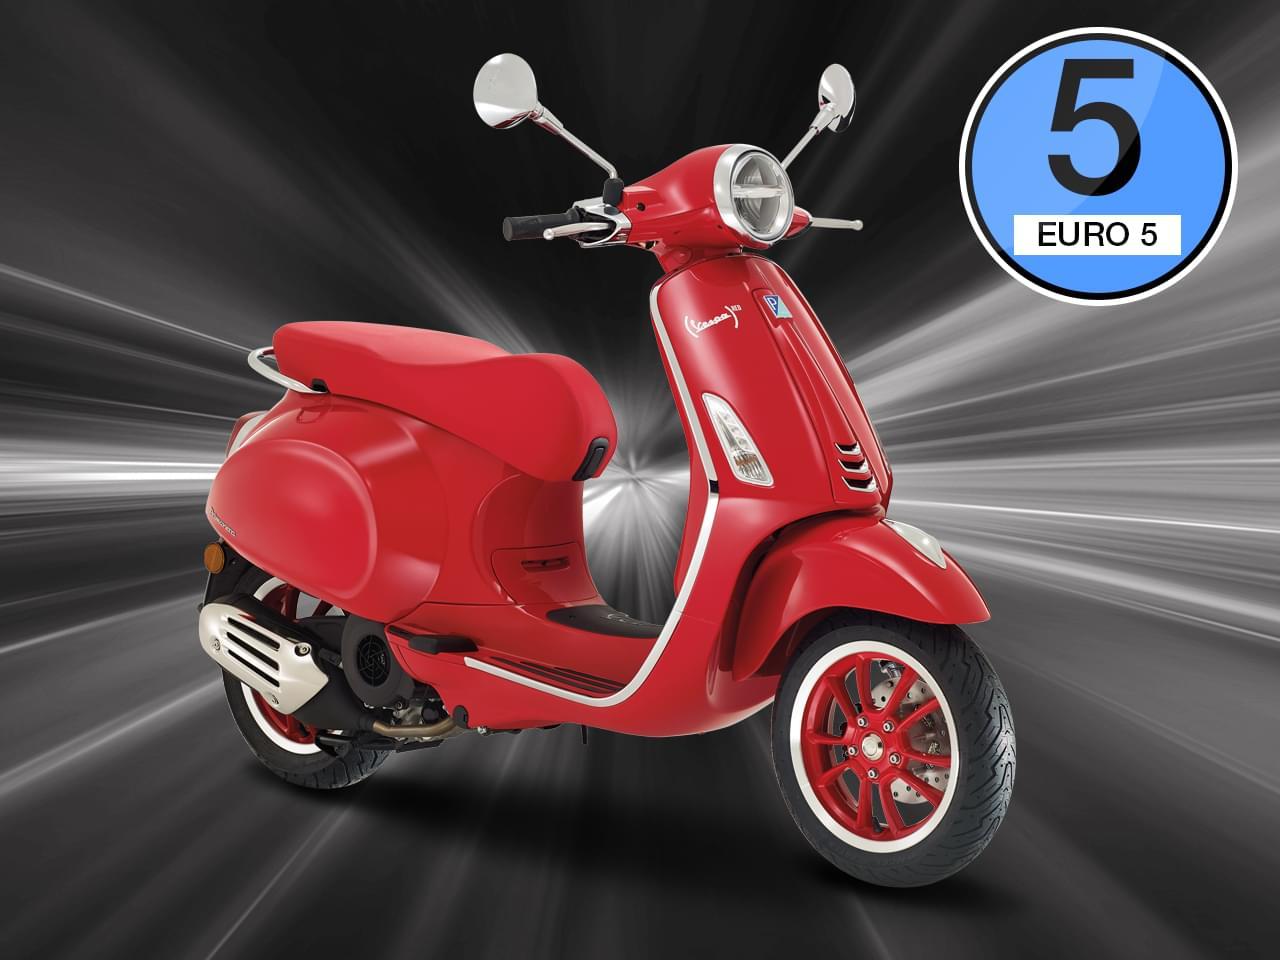 Vespa Primavera Product RED 125 3V i-get ABS